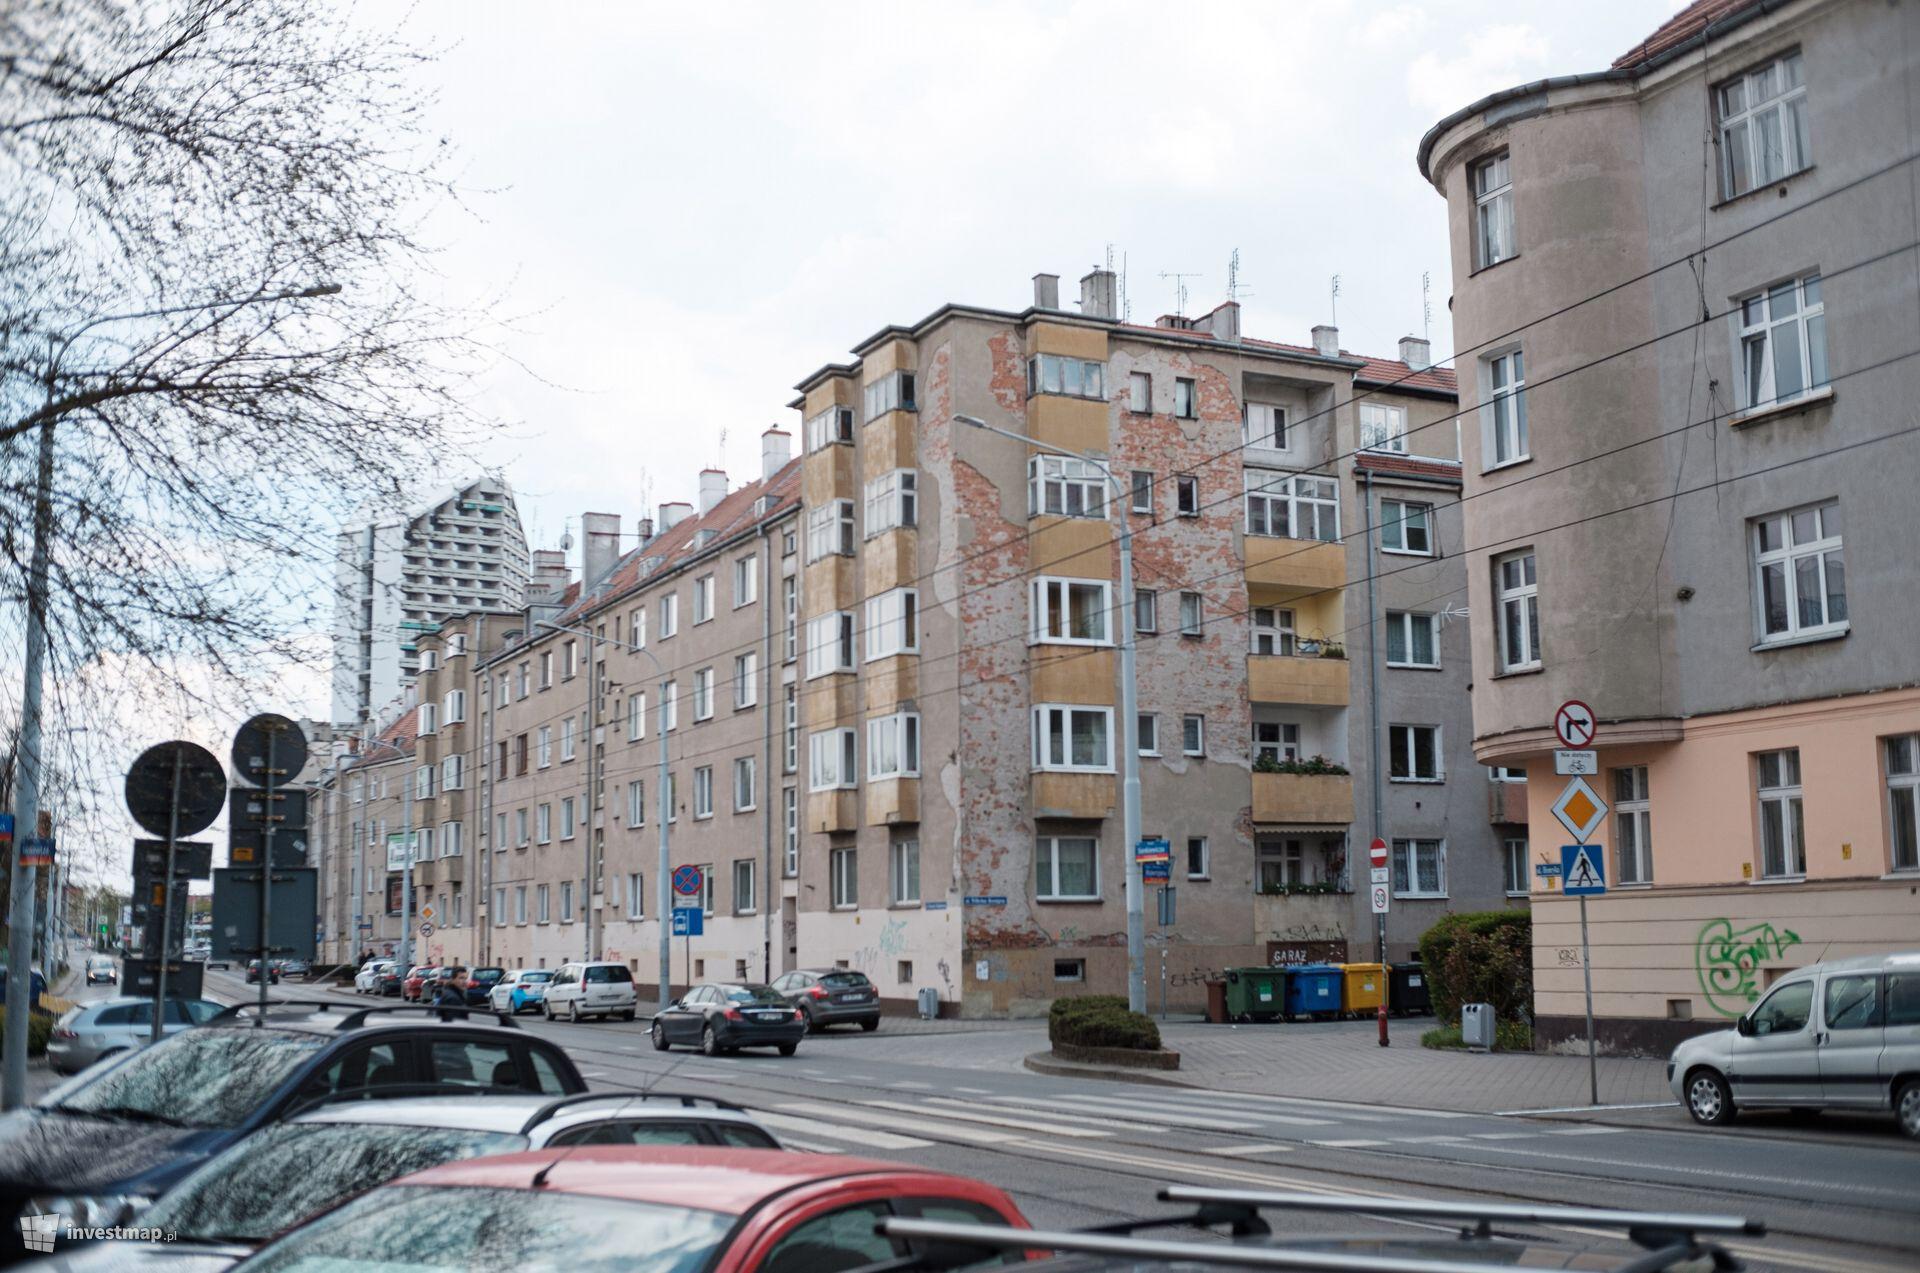 Kamienica Sienkiewicza 109